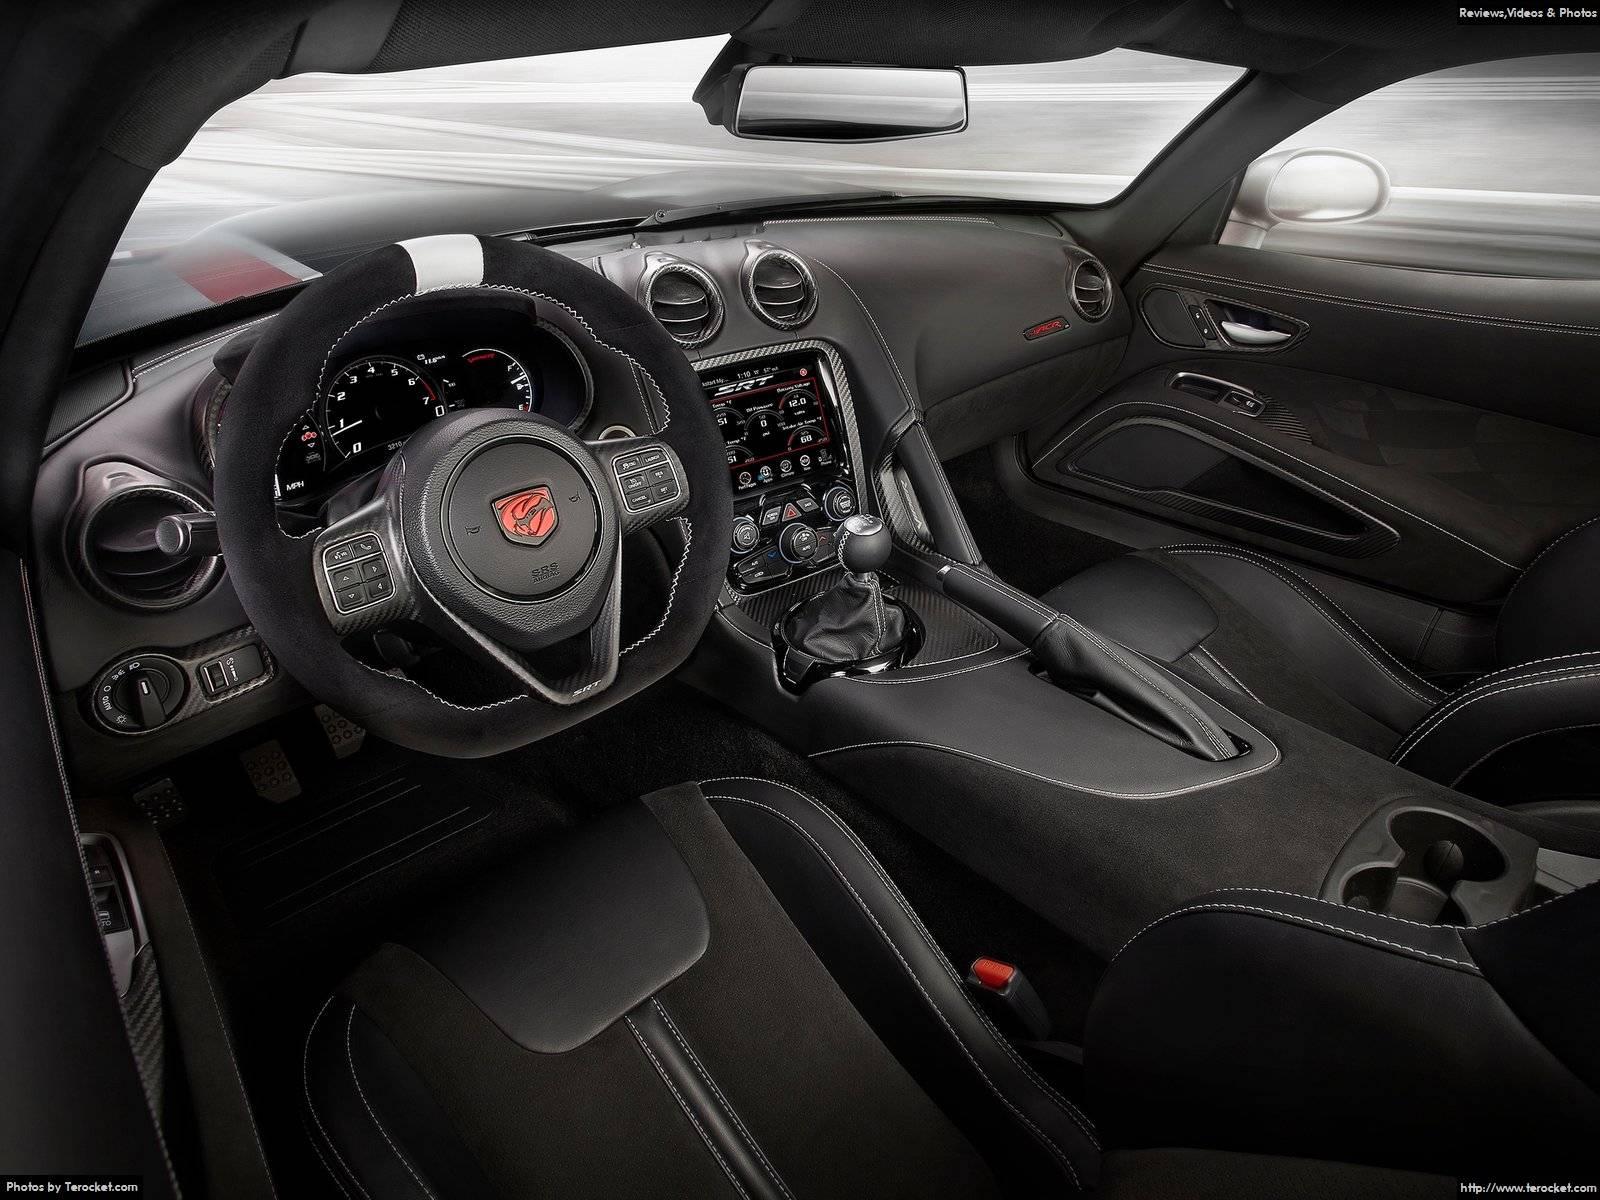 Hình ảnh siêu xe Dodge Viper ACR 2016 & nội ngoại thất